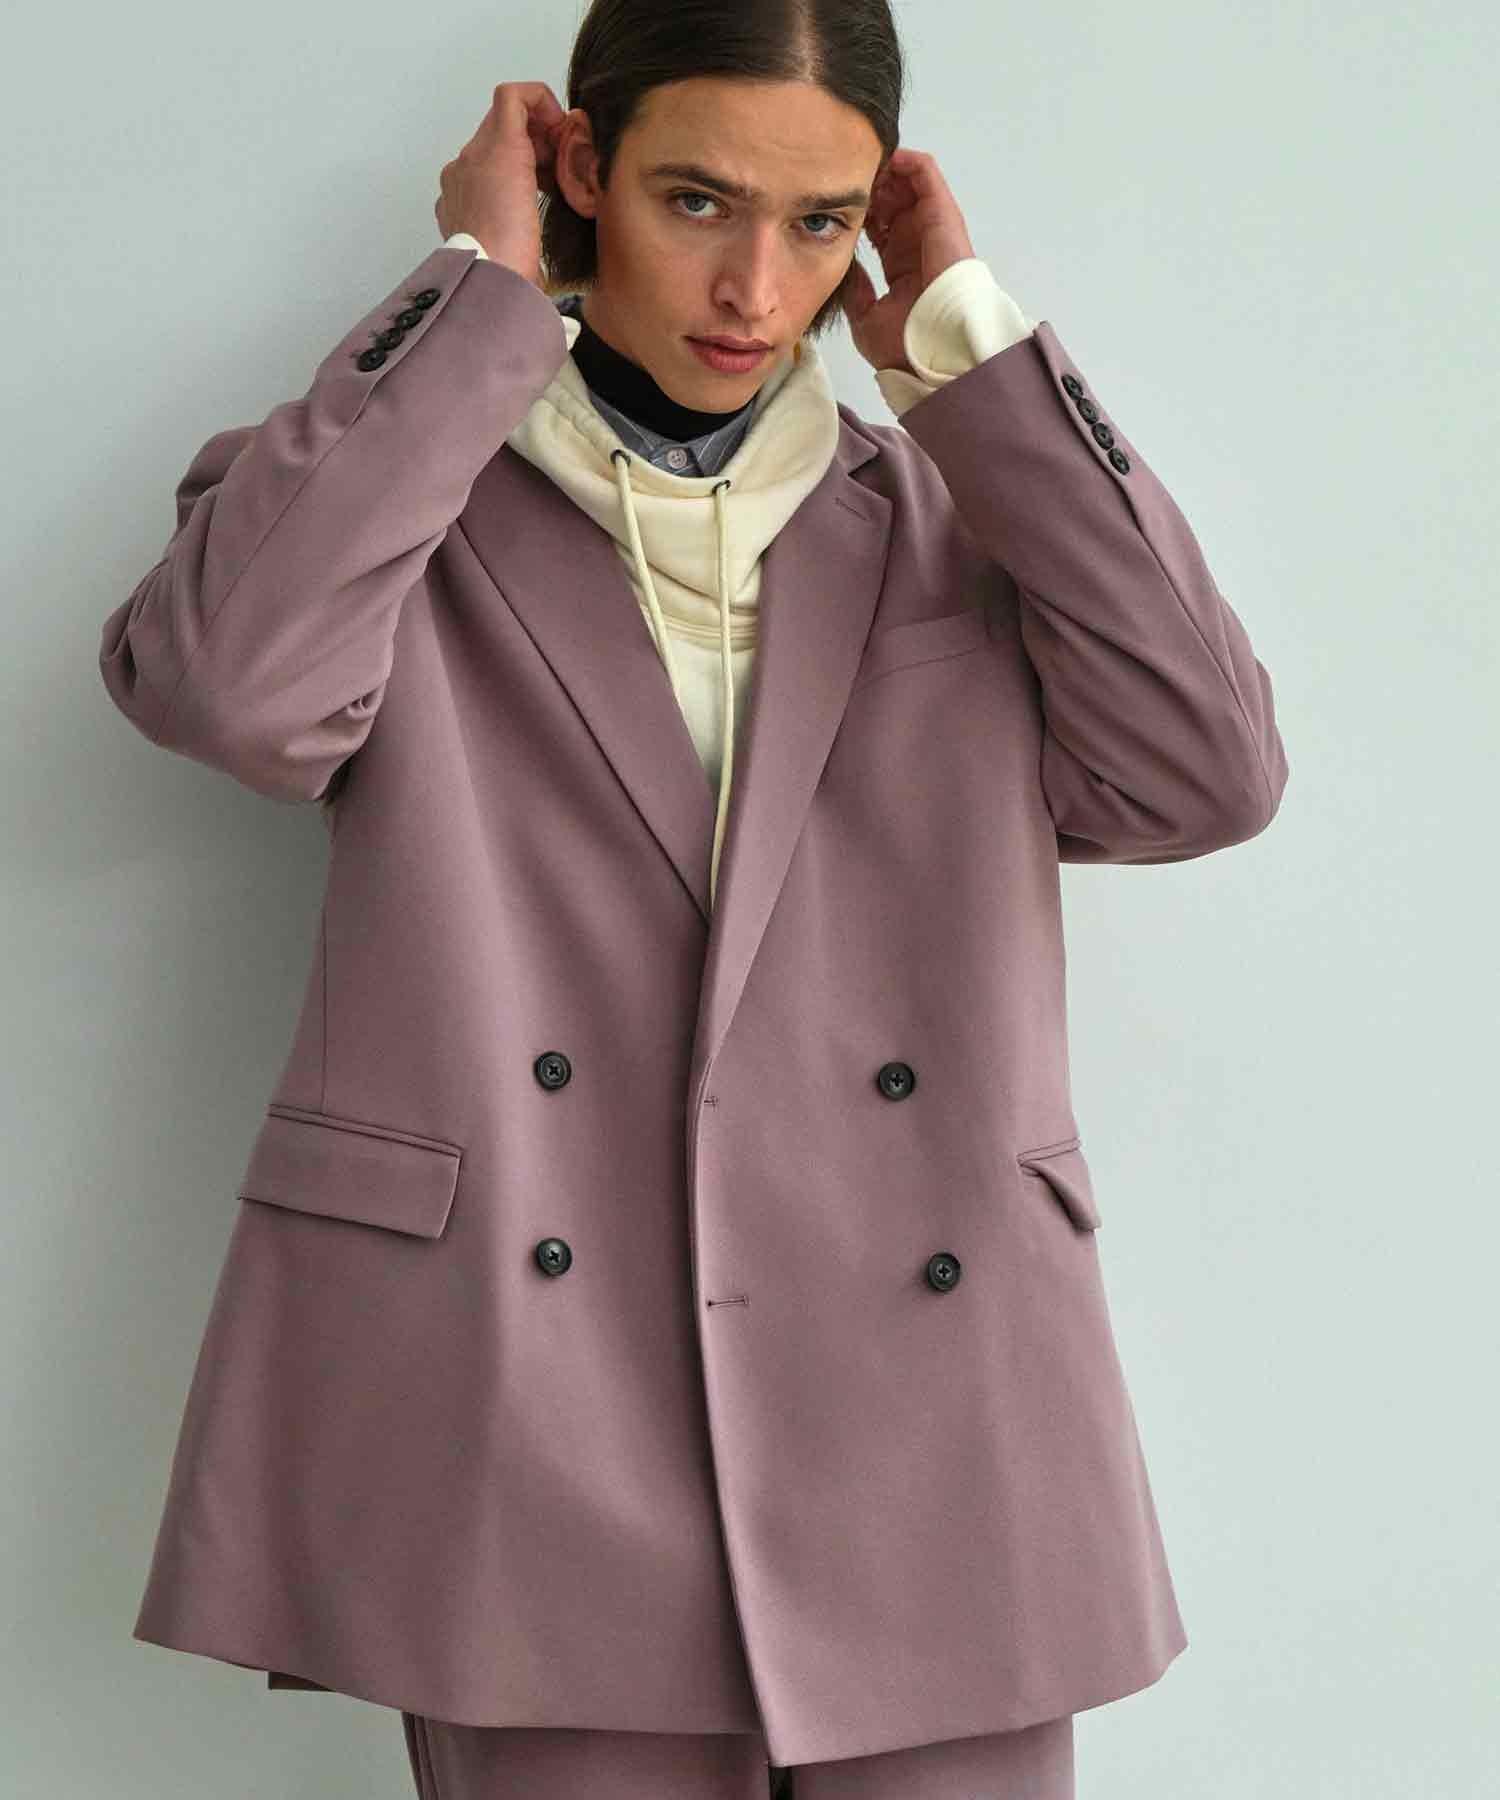 【セットアップ】梨地ルーズリラックス ダブルテーラードジャケット&ワンタックフレアスラックスパンツ EMMA CLOTHES 2021 S/S